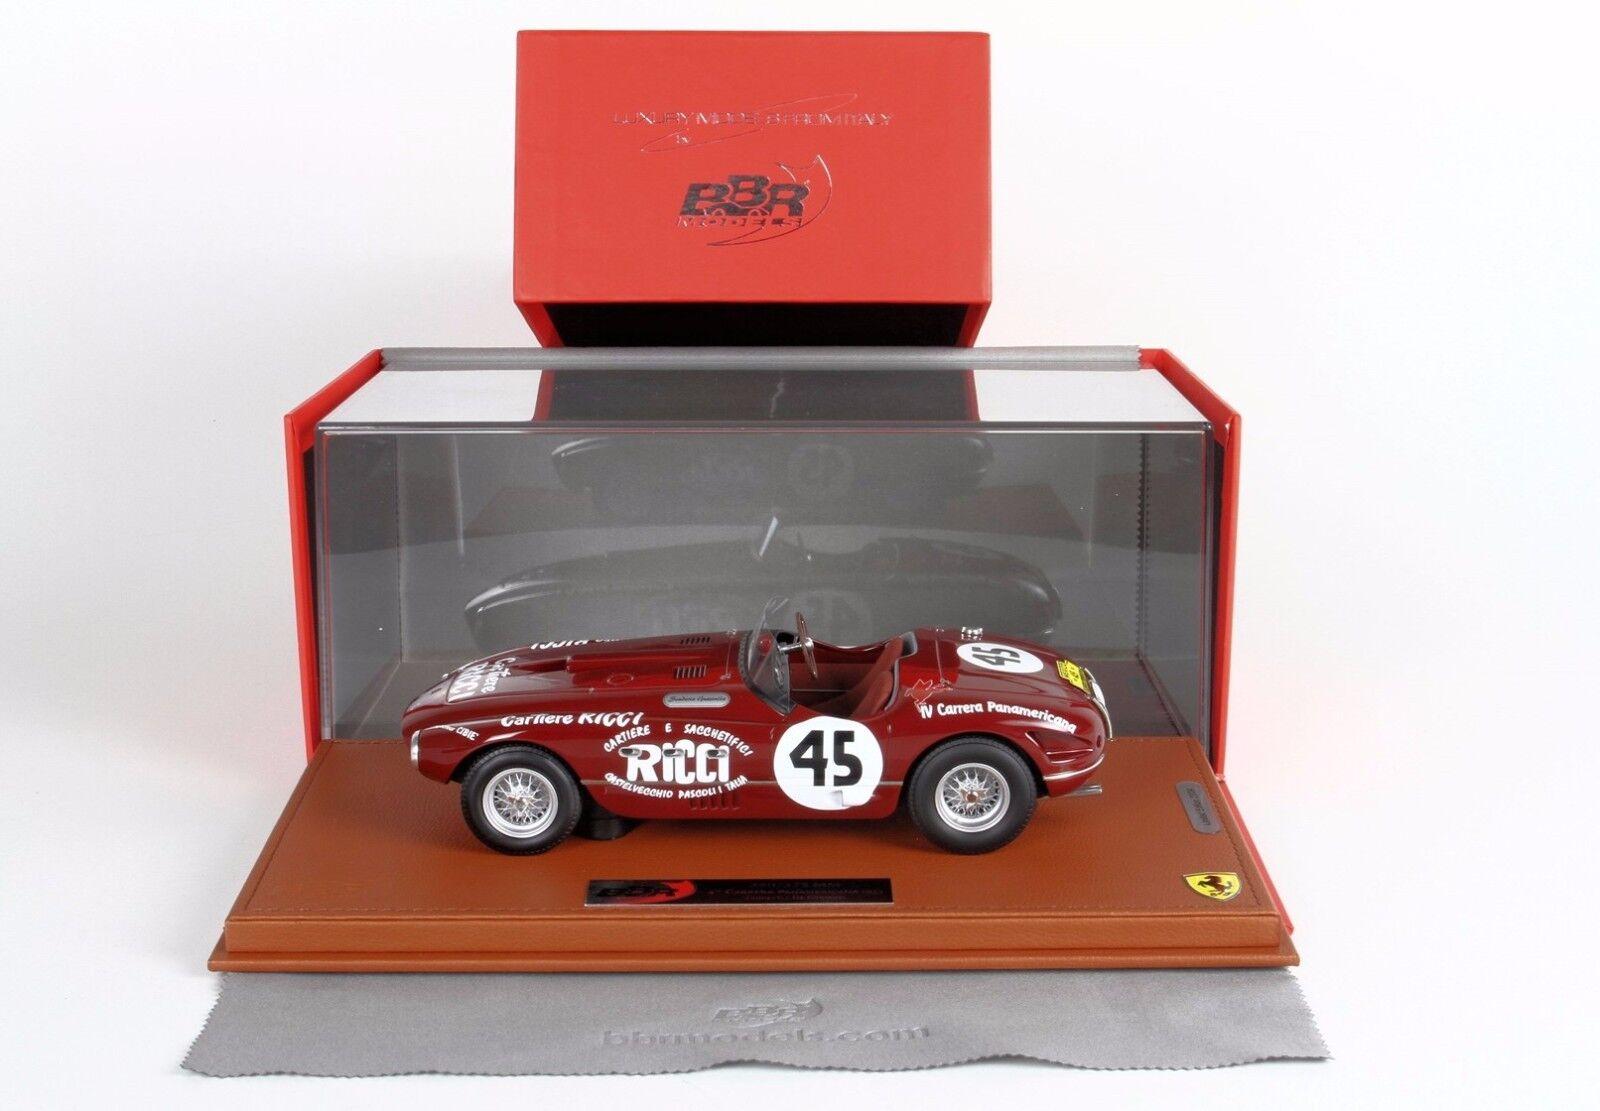 ofreciendo 100% Ferrari Ferrari Ferrari 340 Spyder Vignale IV° Carrera Panamerica 1953  LIM.ED.24 BBRC1823-1  echa un vistazo a los más baratos